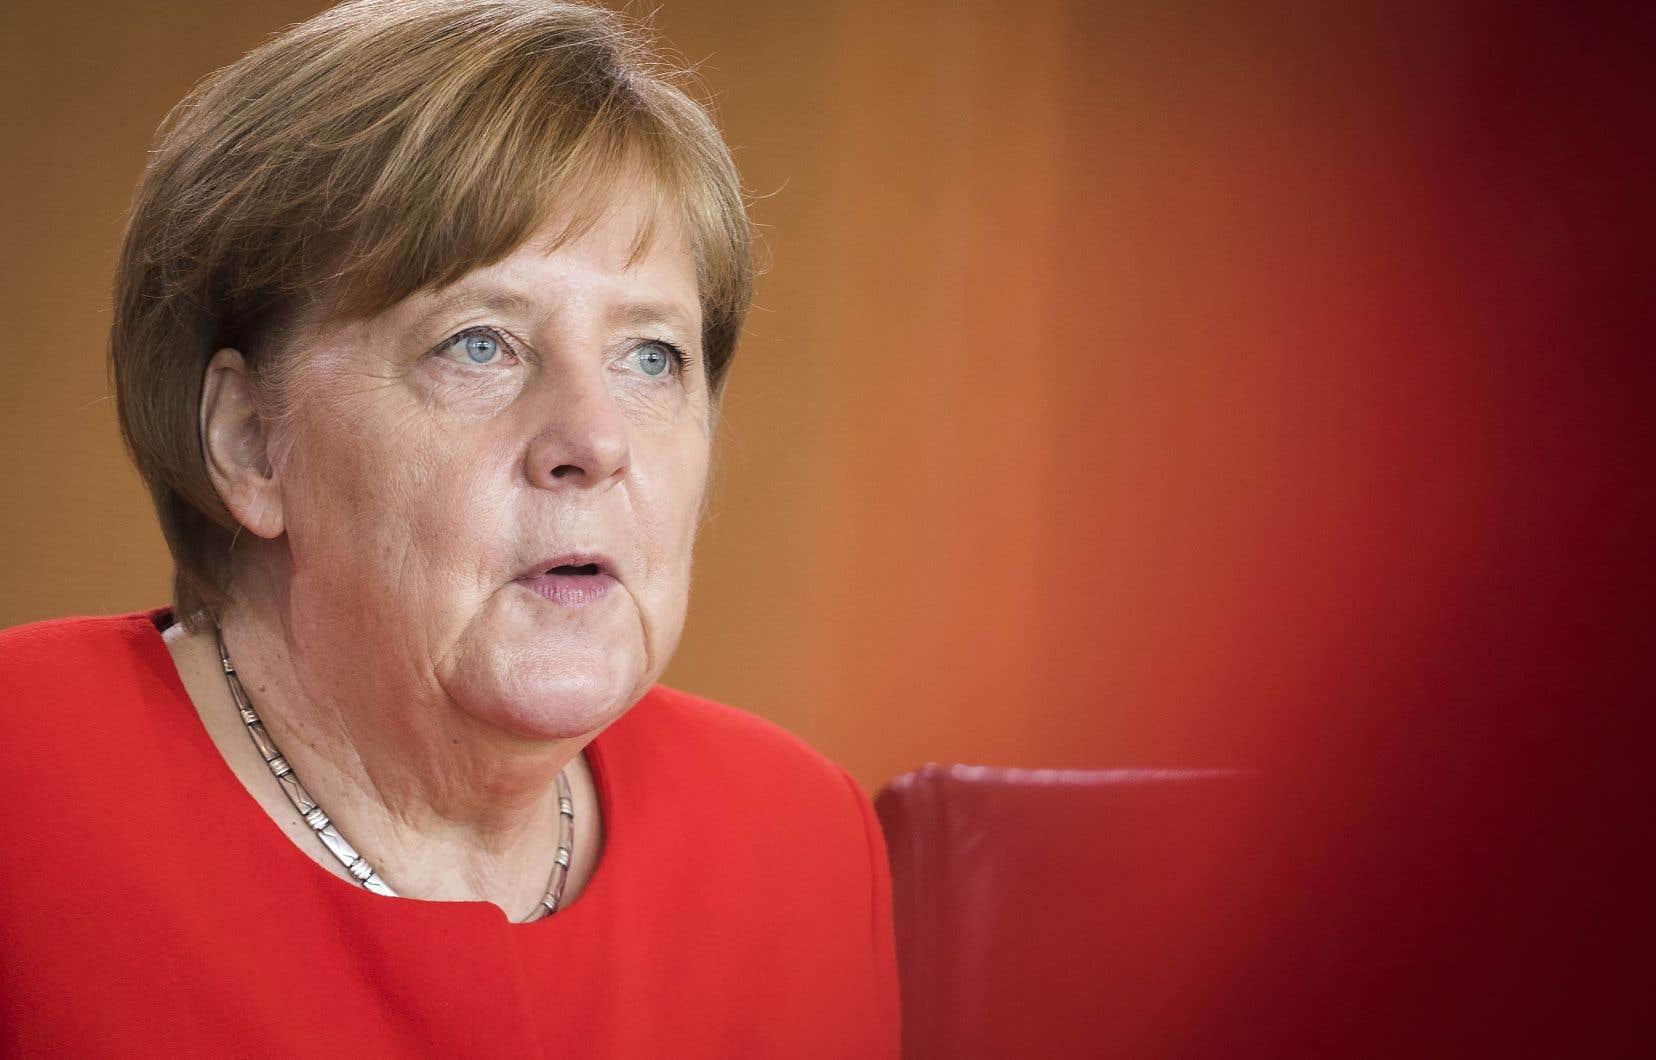 «Nous avons besoin d'une plus grande convergence économique entre États membres au sein de la zone euro», a déclaré la chancelière allemande, Angela Merkel.